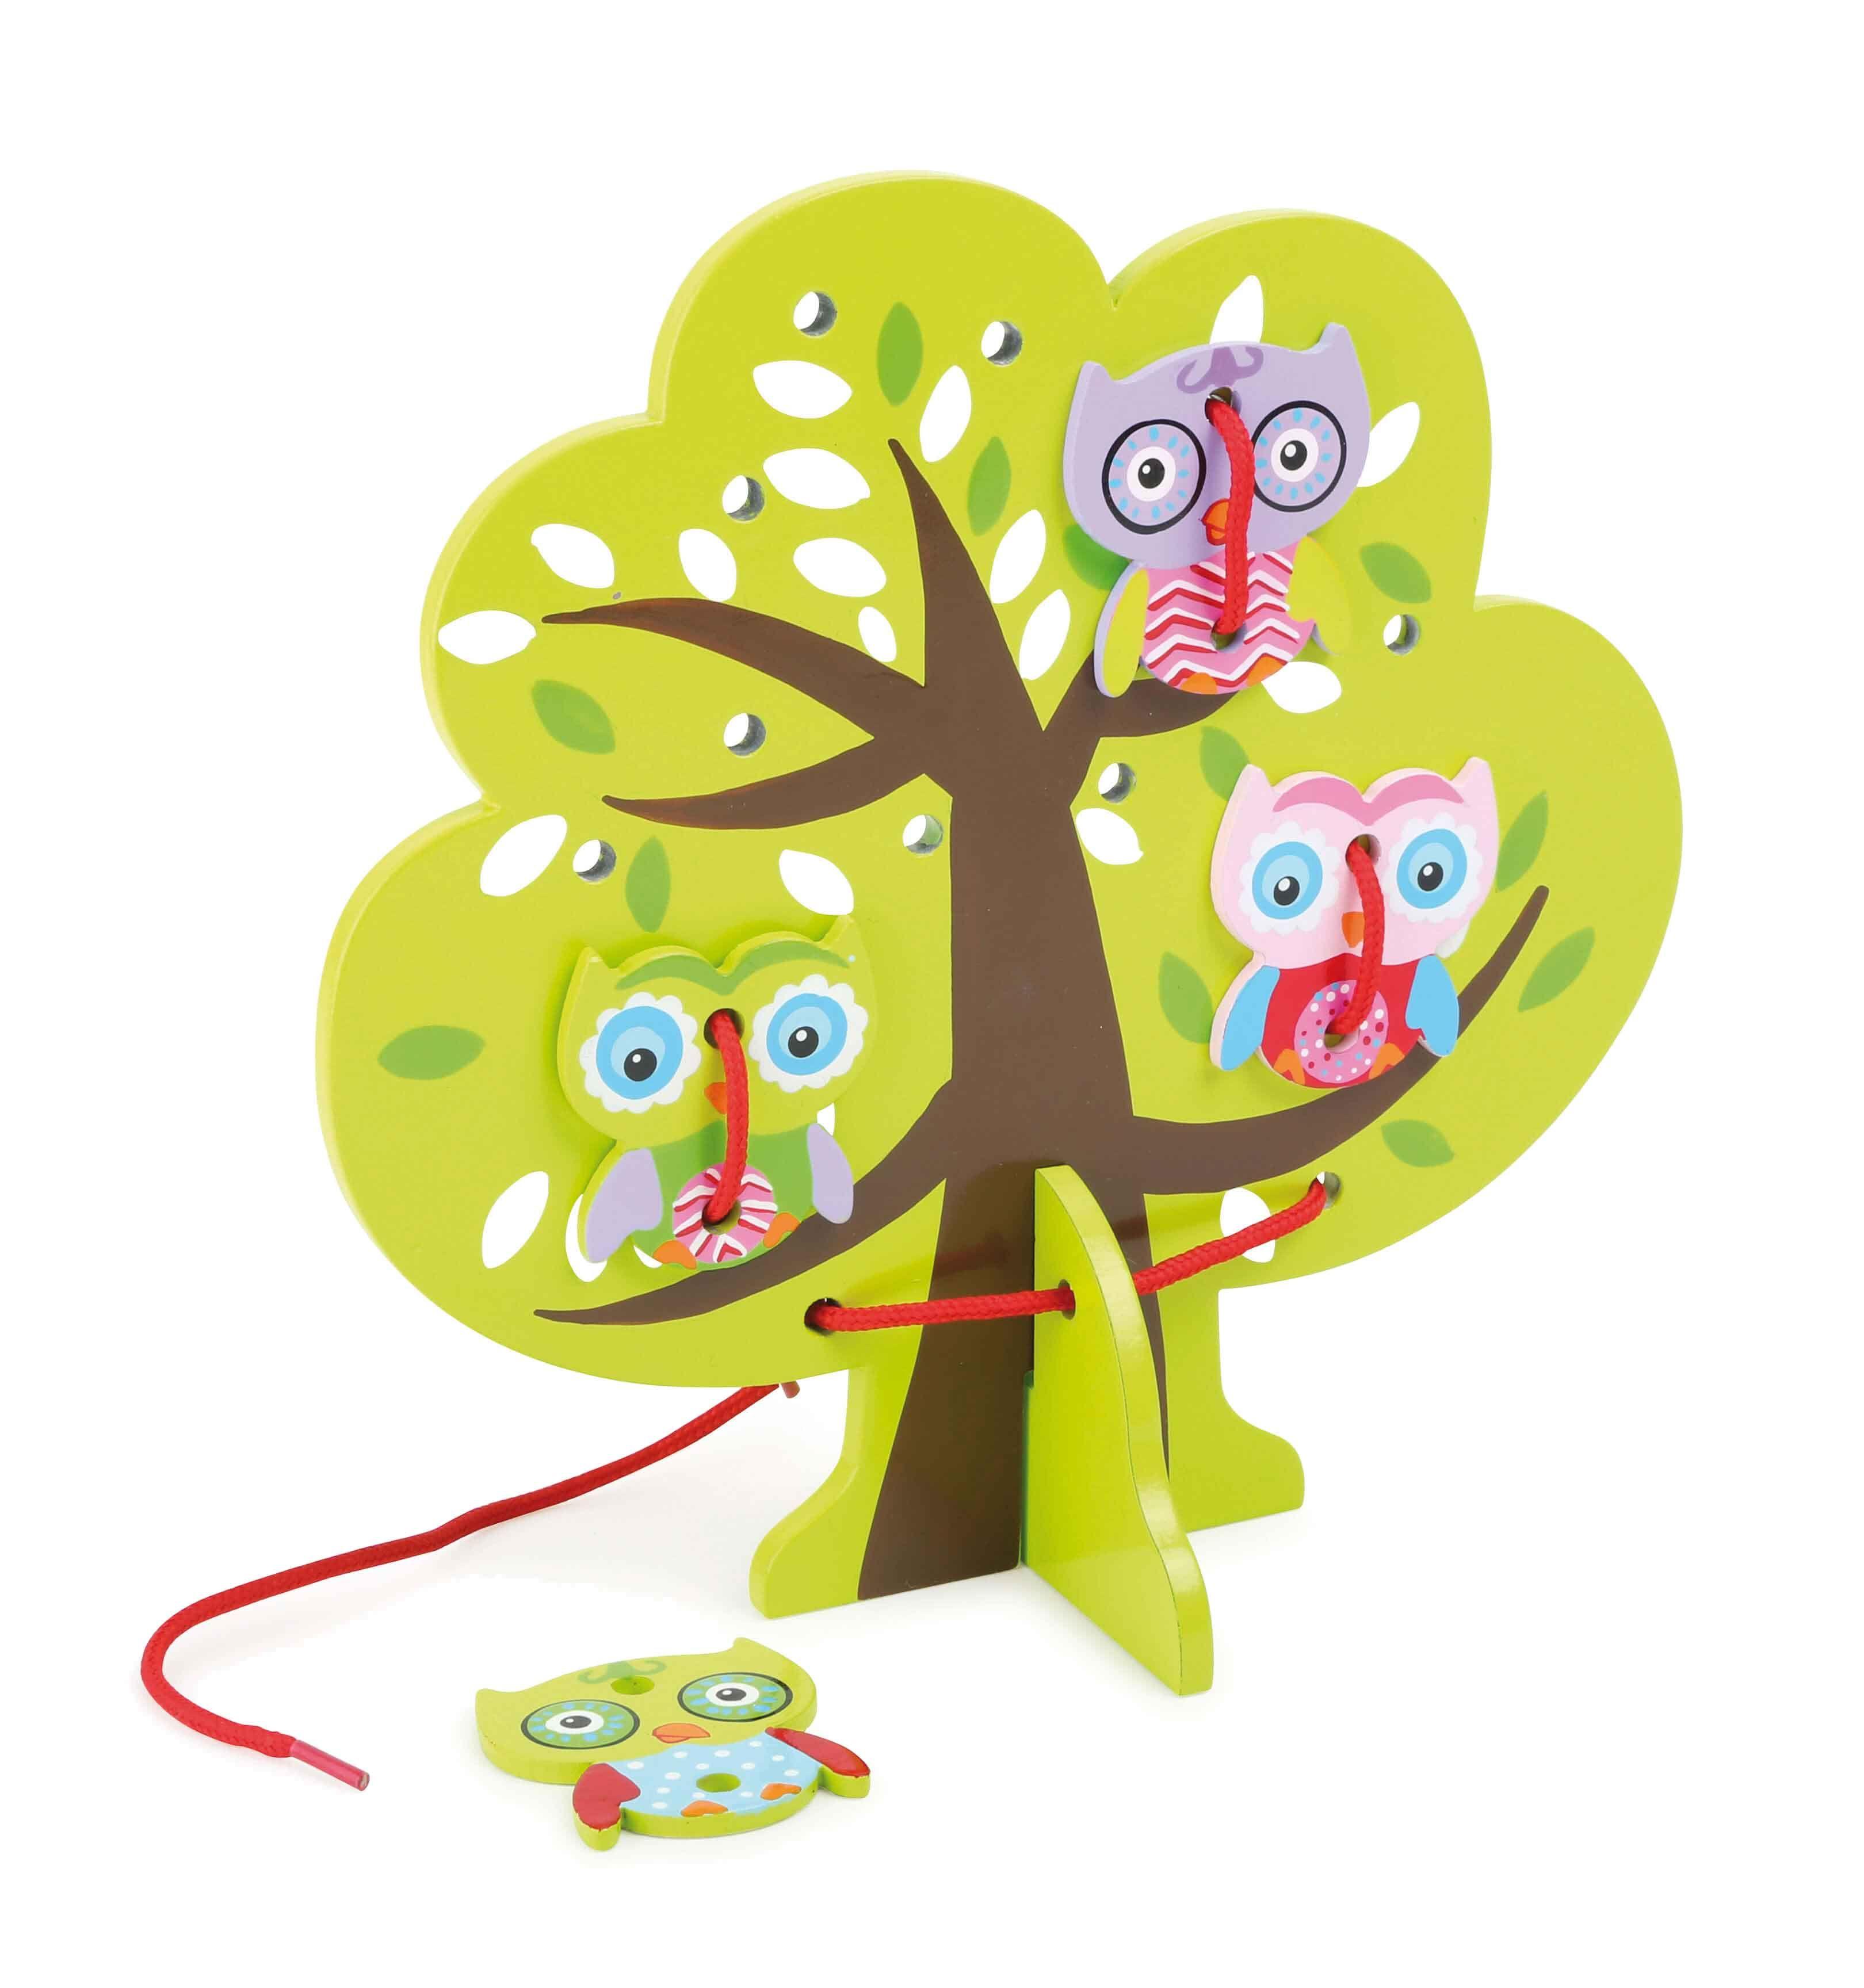 Threading games zijn erg populair en deze groene boom gemaakt van hout met een houten tribune is geen uitzondering. Vier kleurrijke uilen worden gehouden op de takken met een rode string. Een geweldig spel voor reizen om de tijd sneller te gaan.